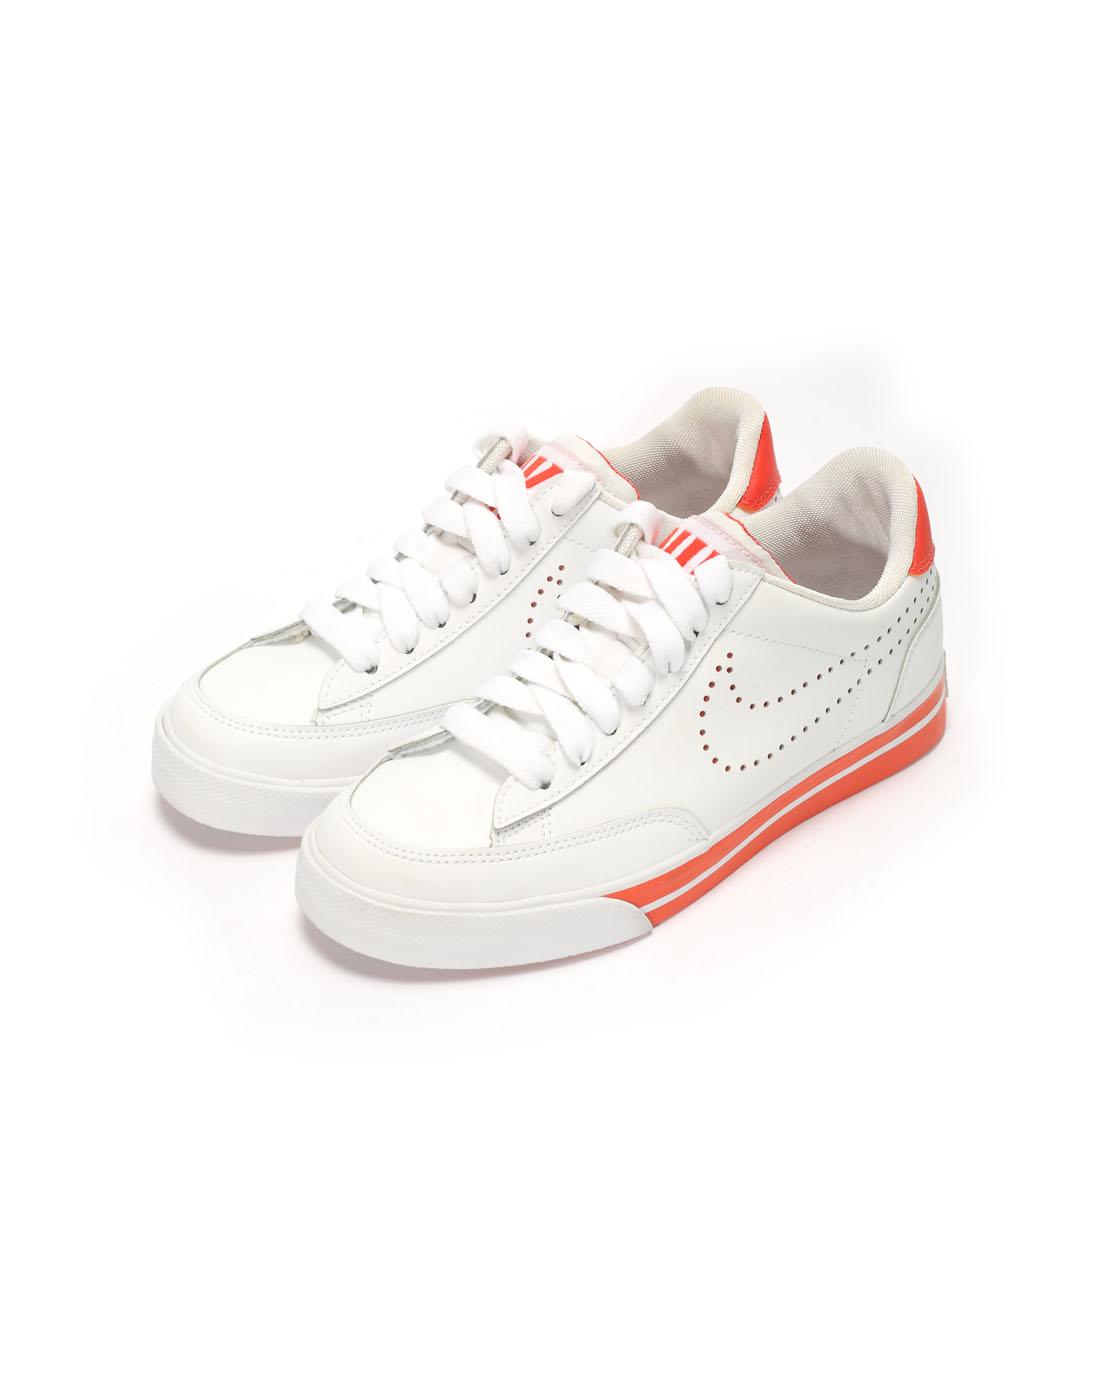 耐克nike-女鞋专场-女子白色复古鞋